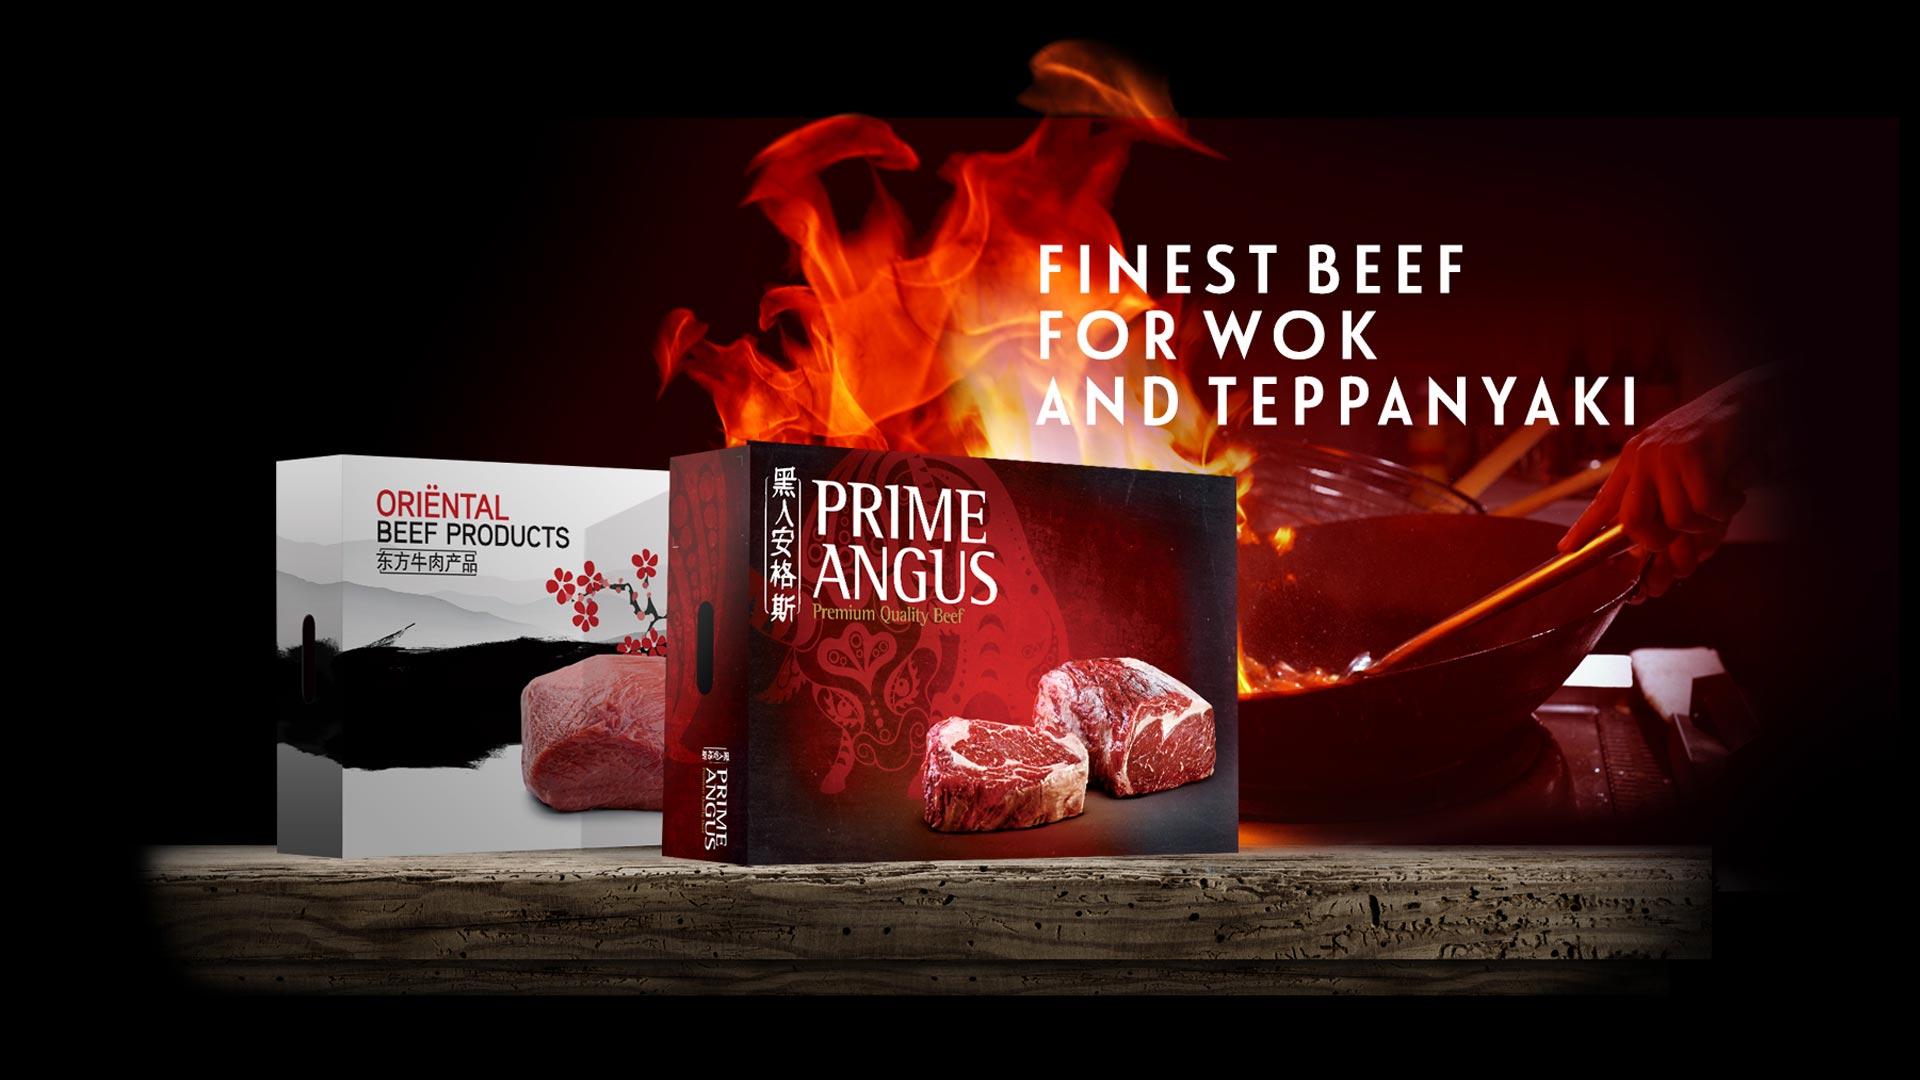 Lodewijksmeat verpakking beef coverfoto